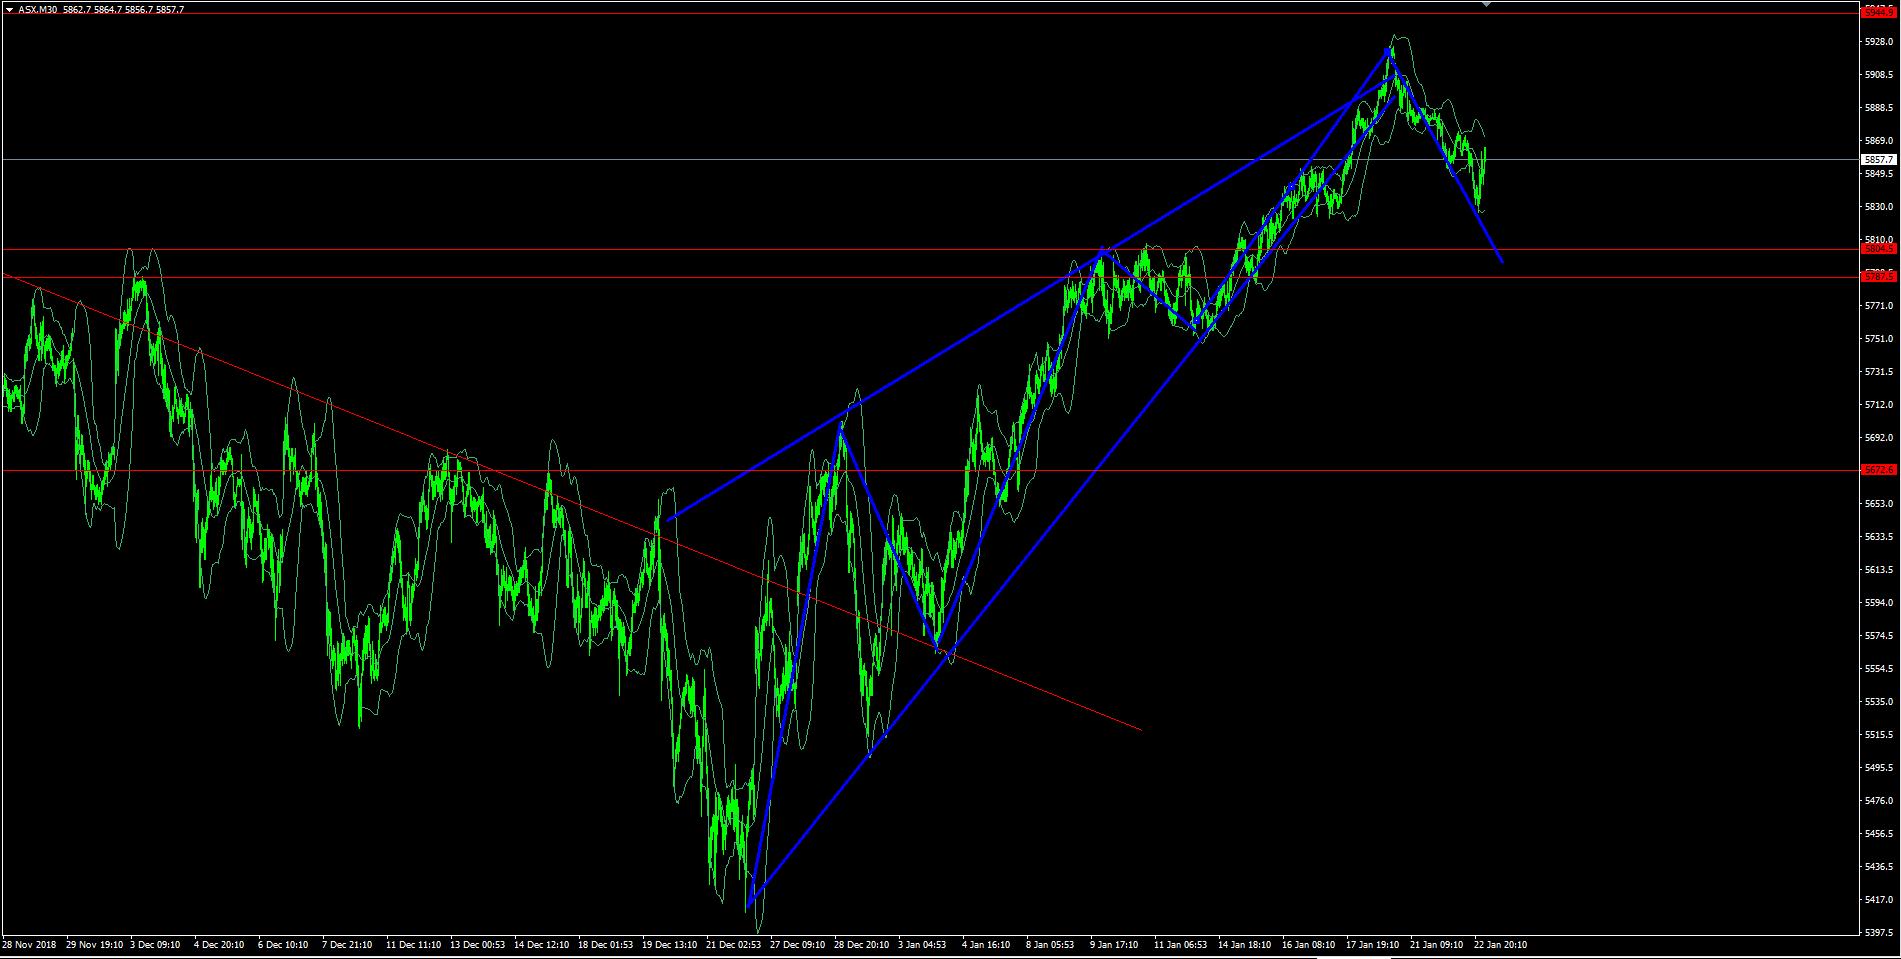 避险情绪骤然升温,澳洲S&P/ASX200、日经225指数紧随美股下跌